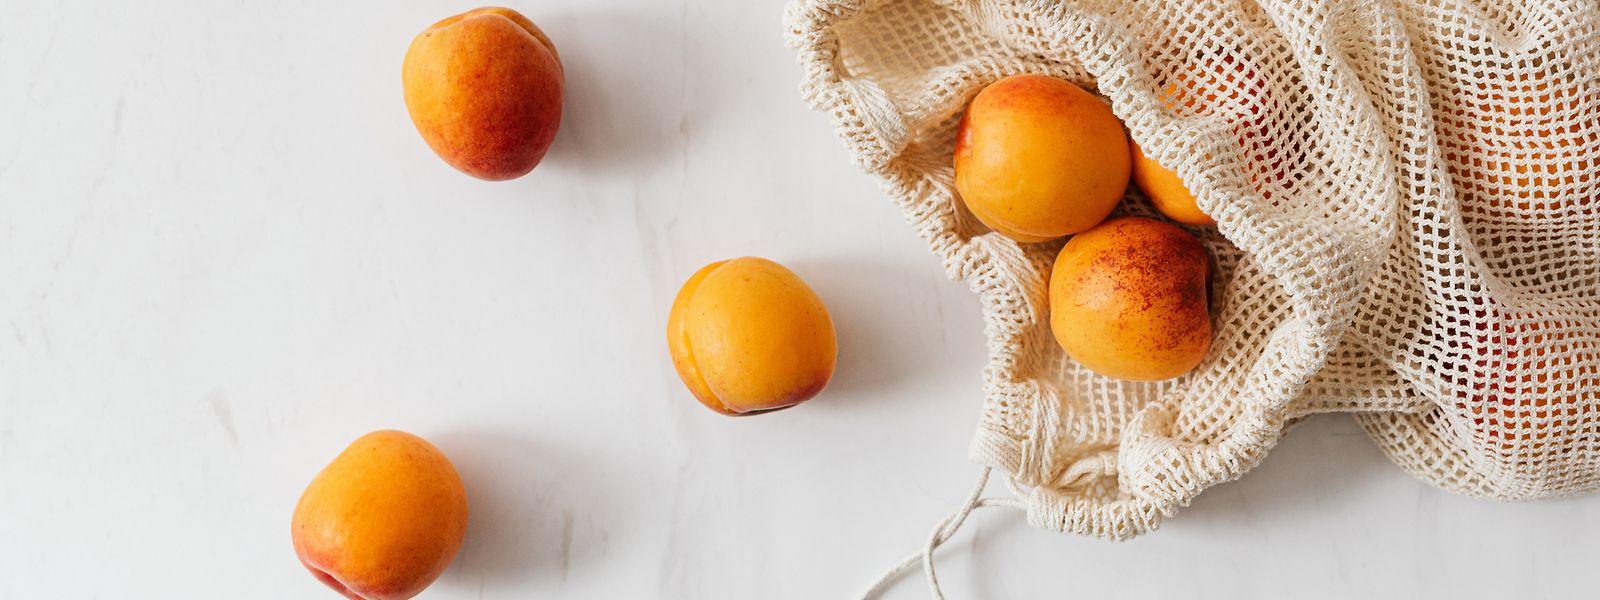 Zum Anbeißen: Pfirsich gilt als das Sommerobst schlechthin.